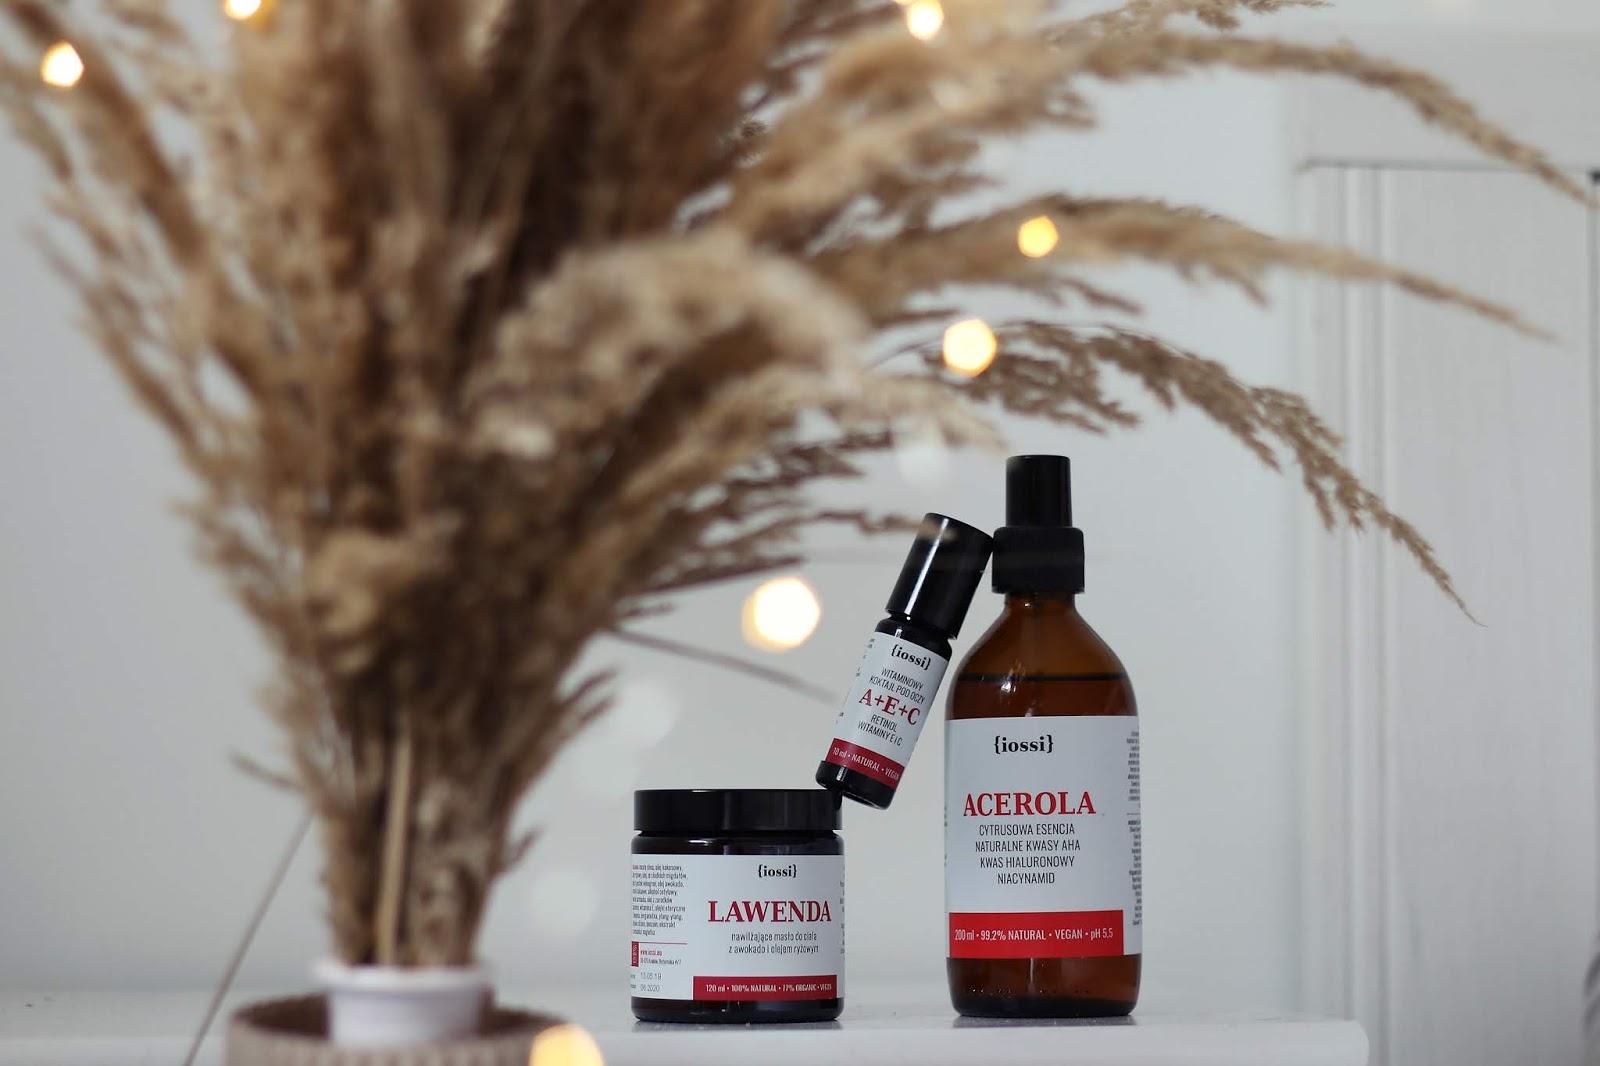 Iossi naturalne kwasy AHA, koktajl pod oczy z retinolem i masło do ciała pachnące świeżą lawendą